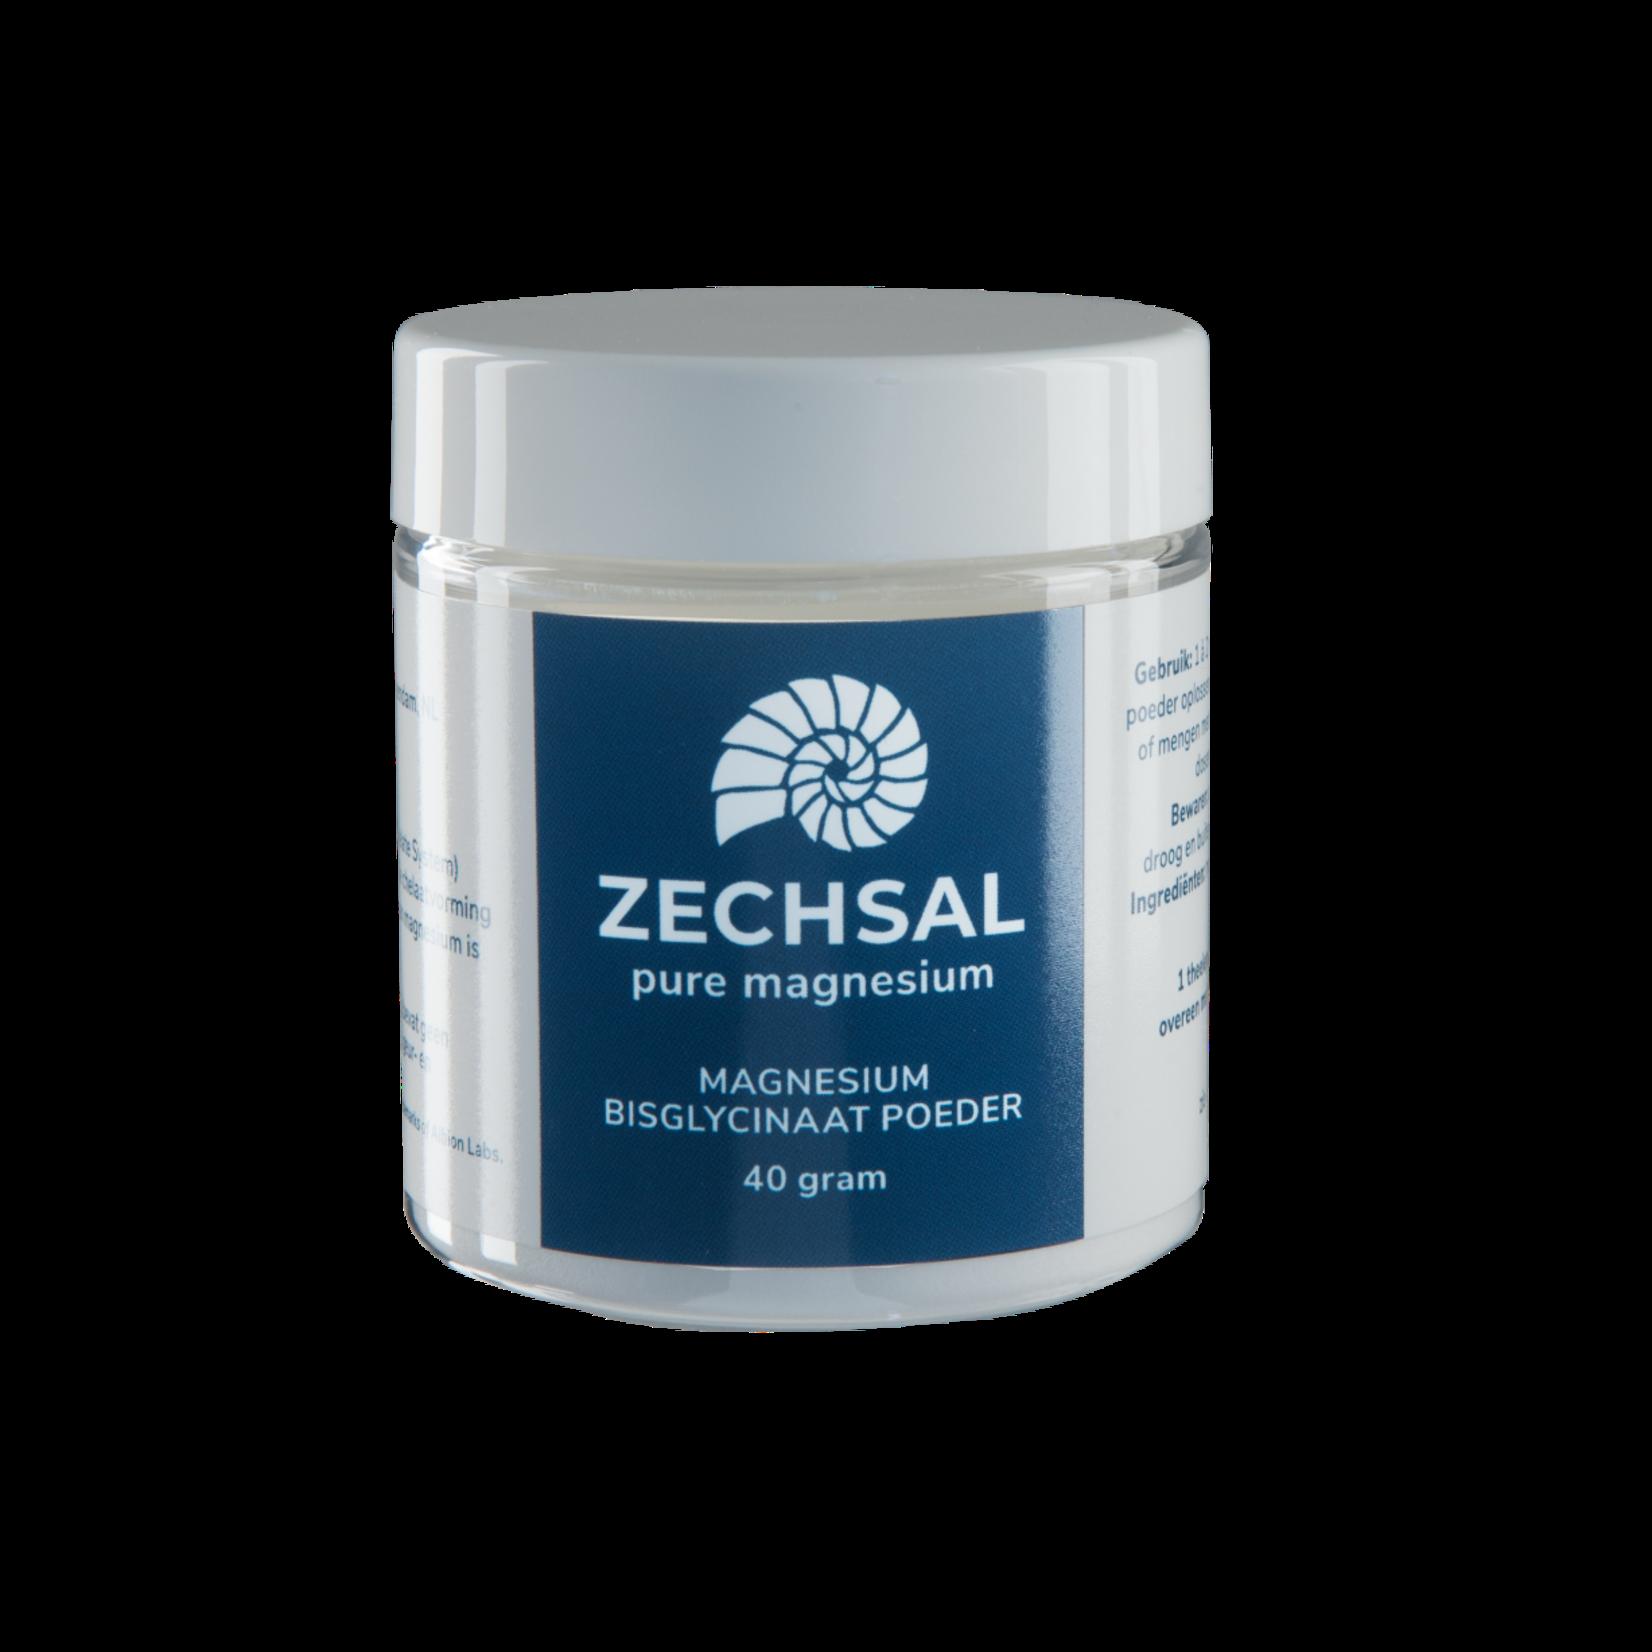 Zechsal Oraal magnesium Zechsal - magnesiumbisglycinaat poeder MINI 40g